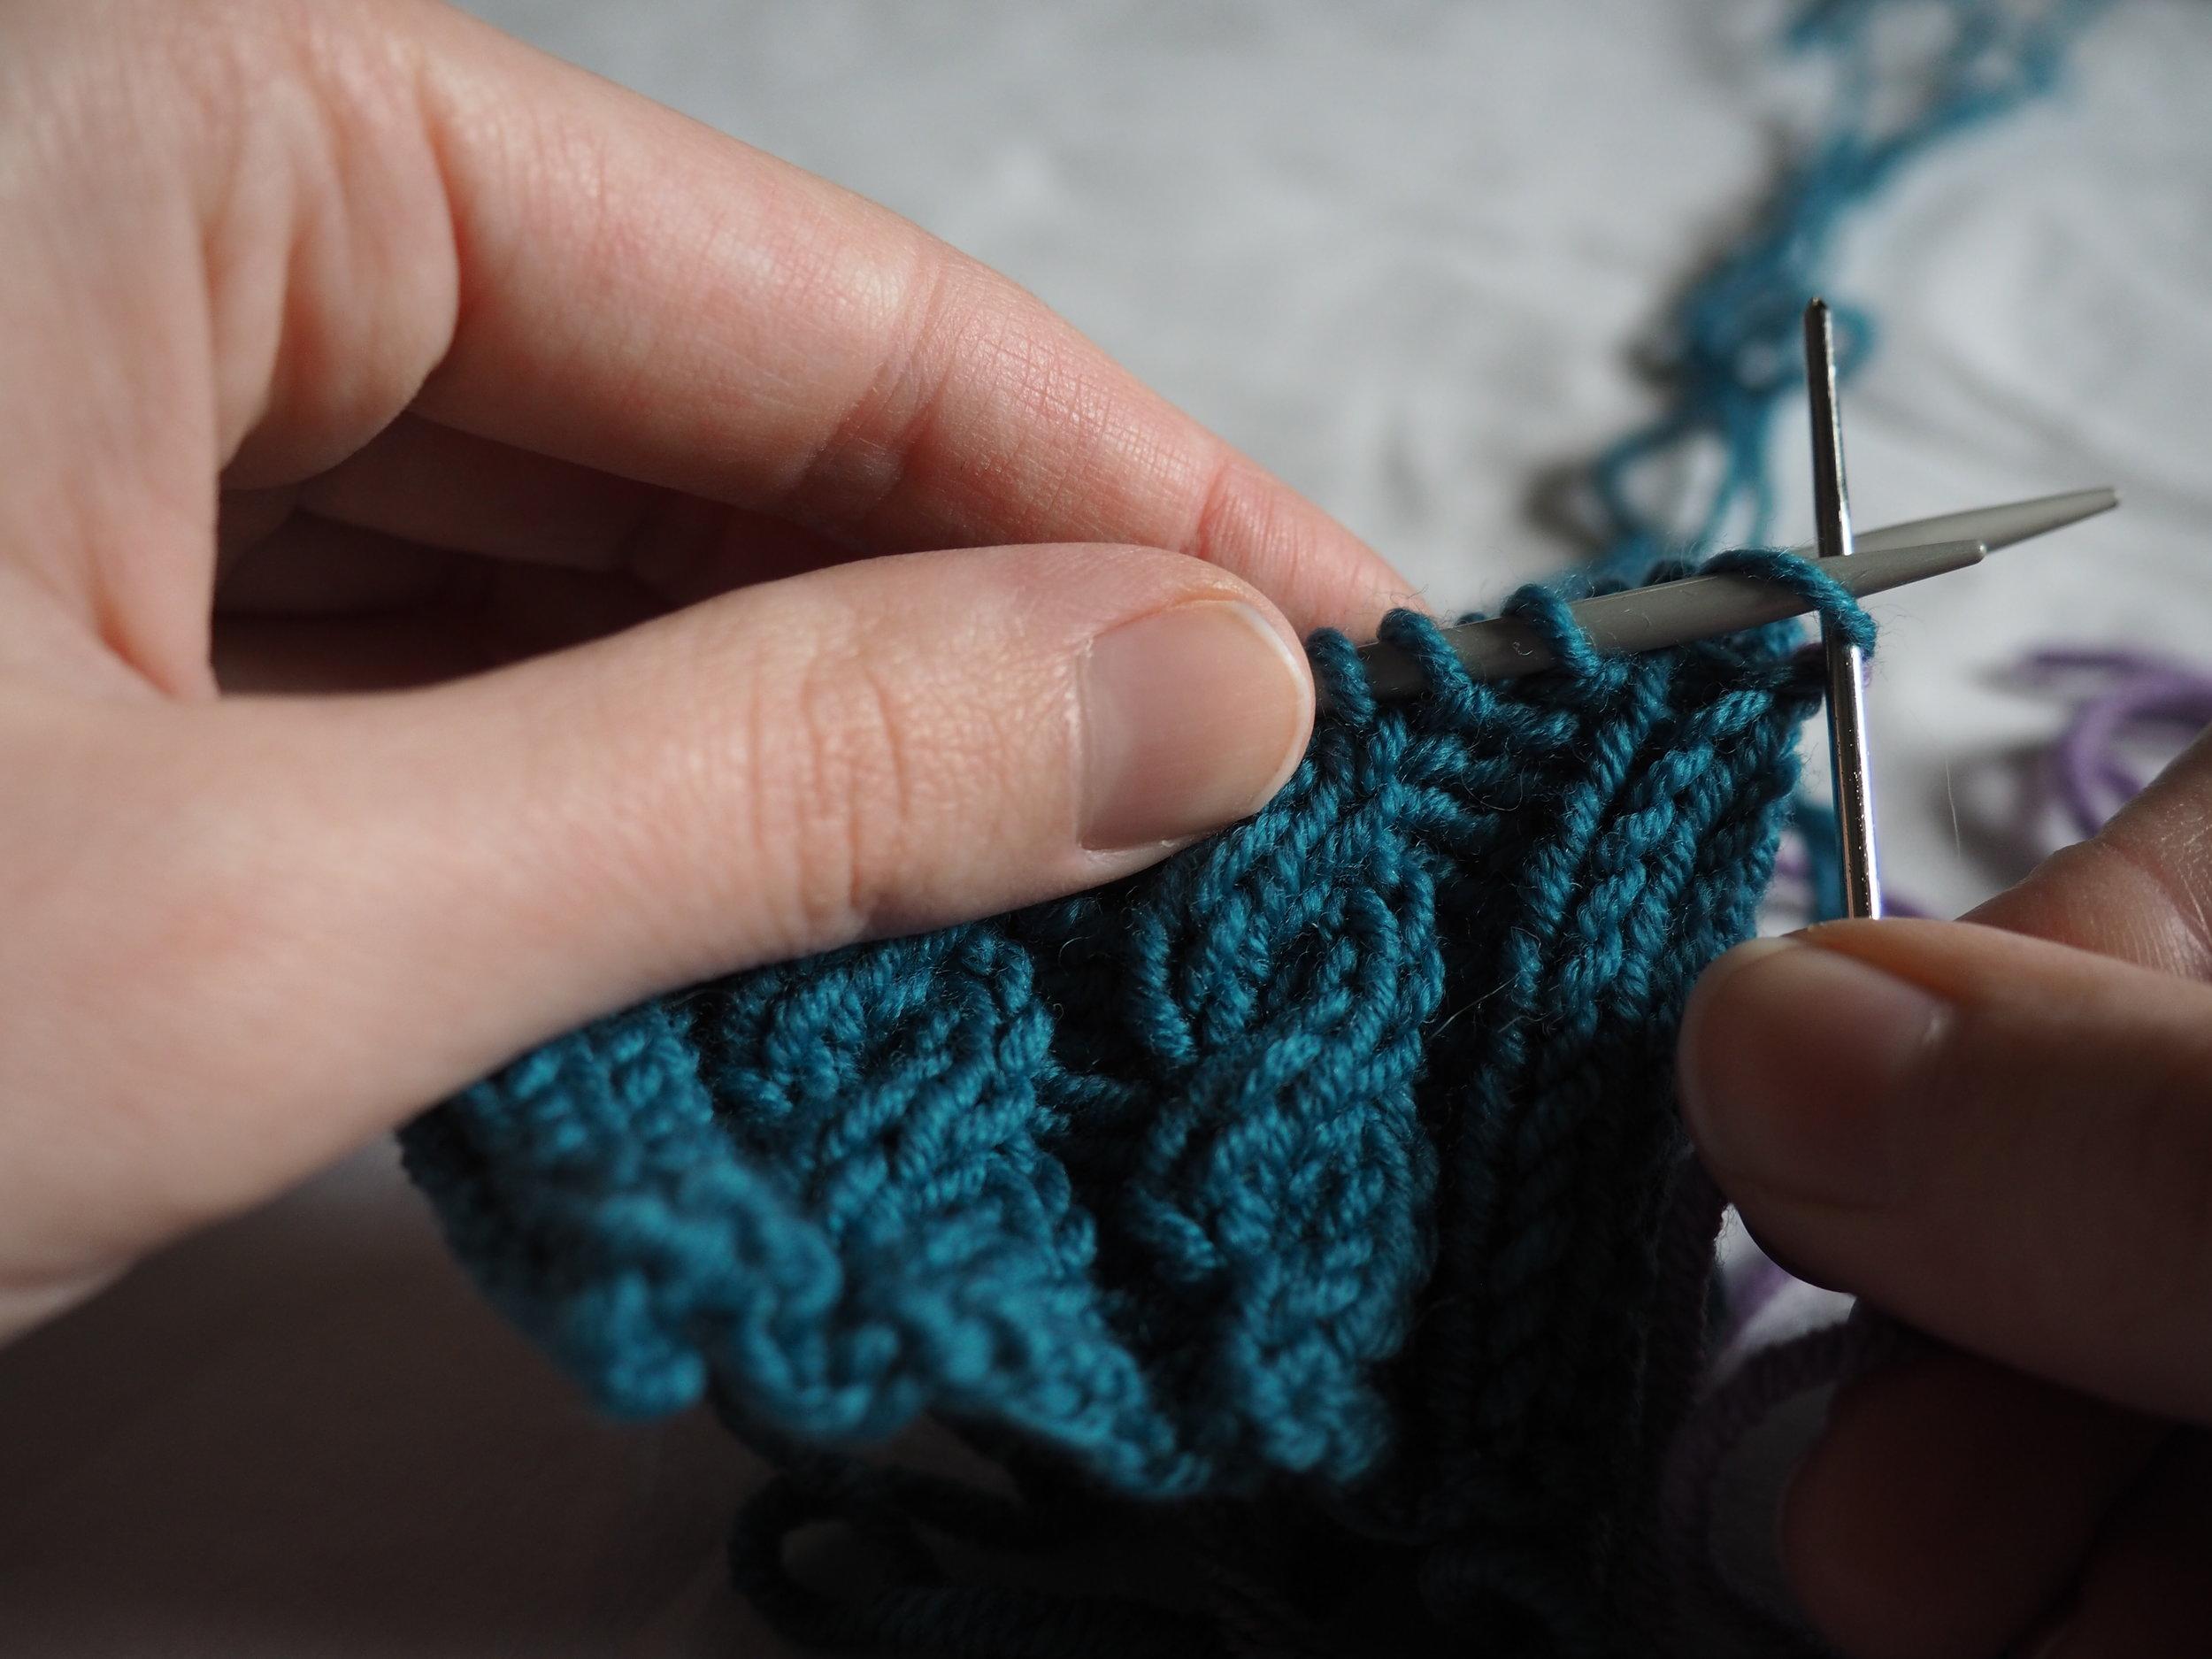 Aiguille 1  : Insérez l'aiguille à laine dans le 1è maille comme pour faire une maille endroit et faites la glisser de l'aiguille,